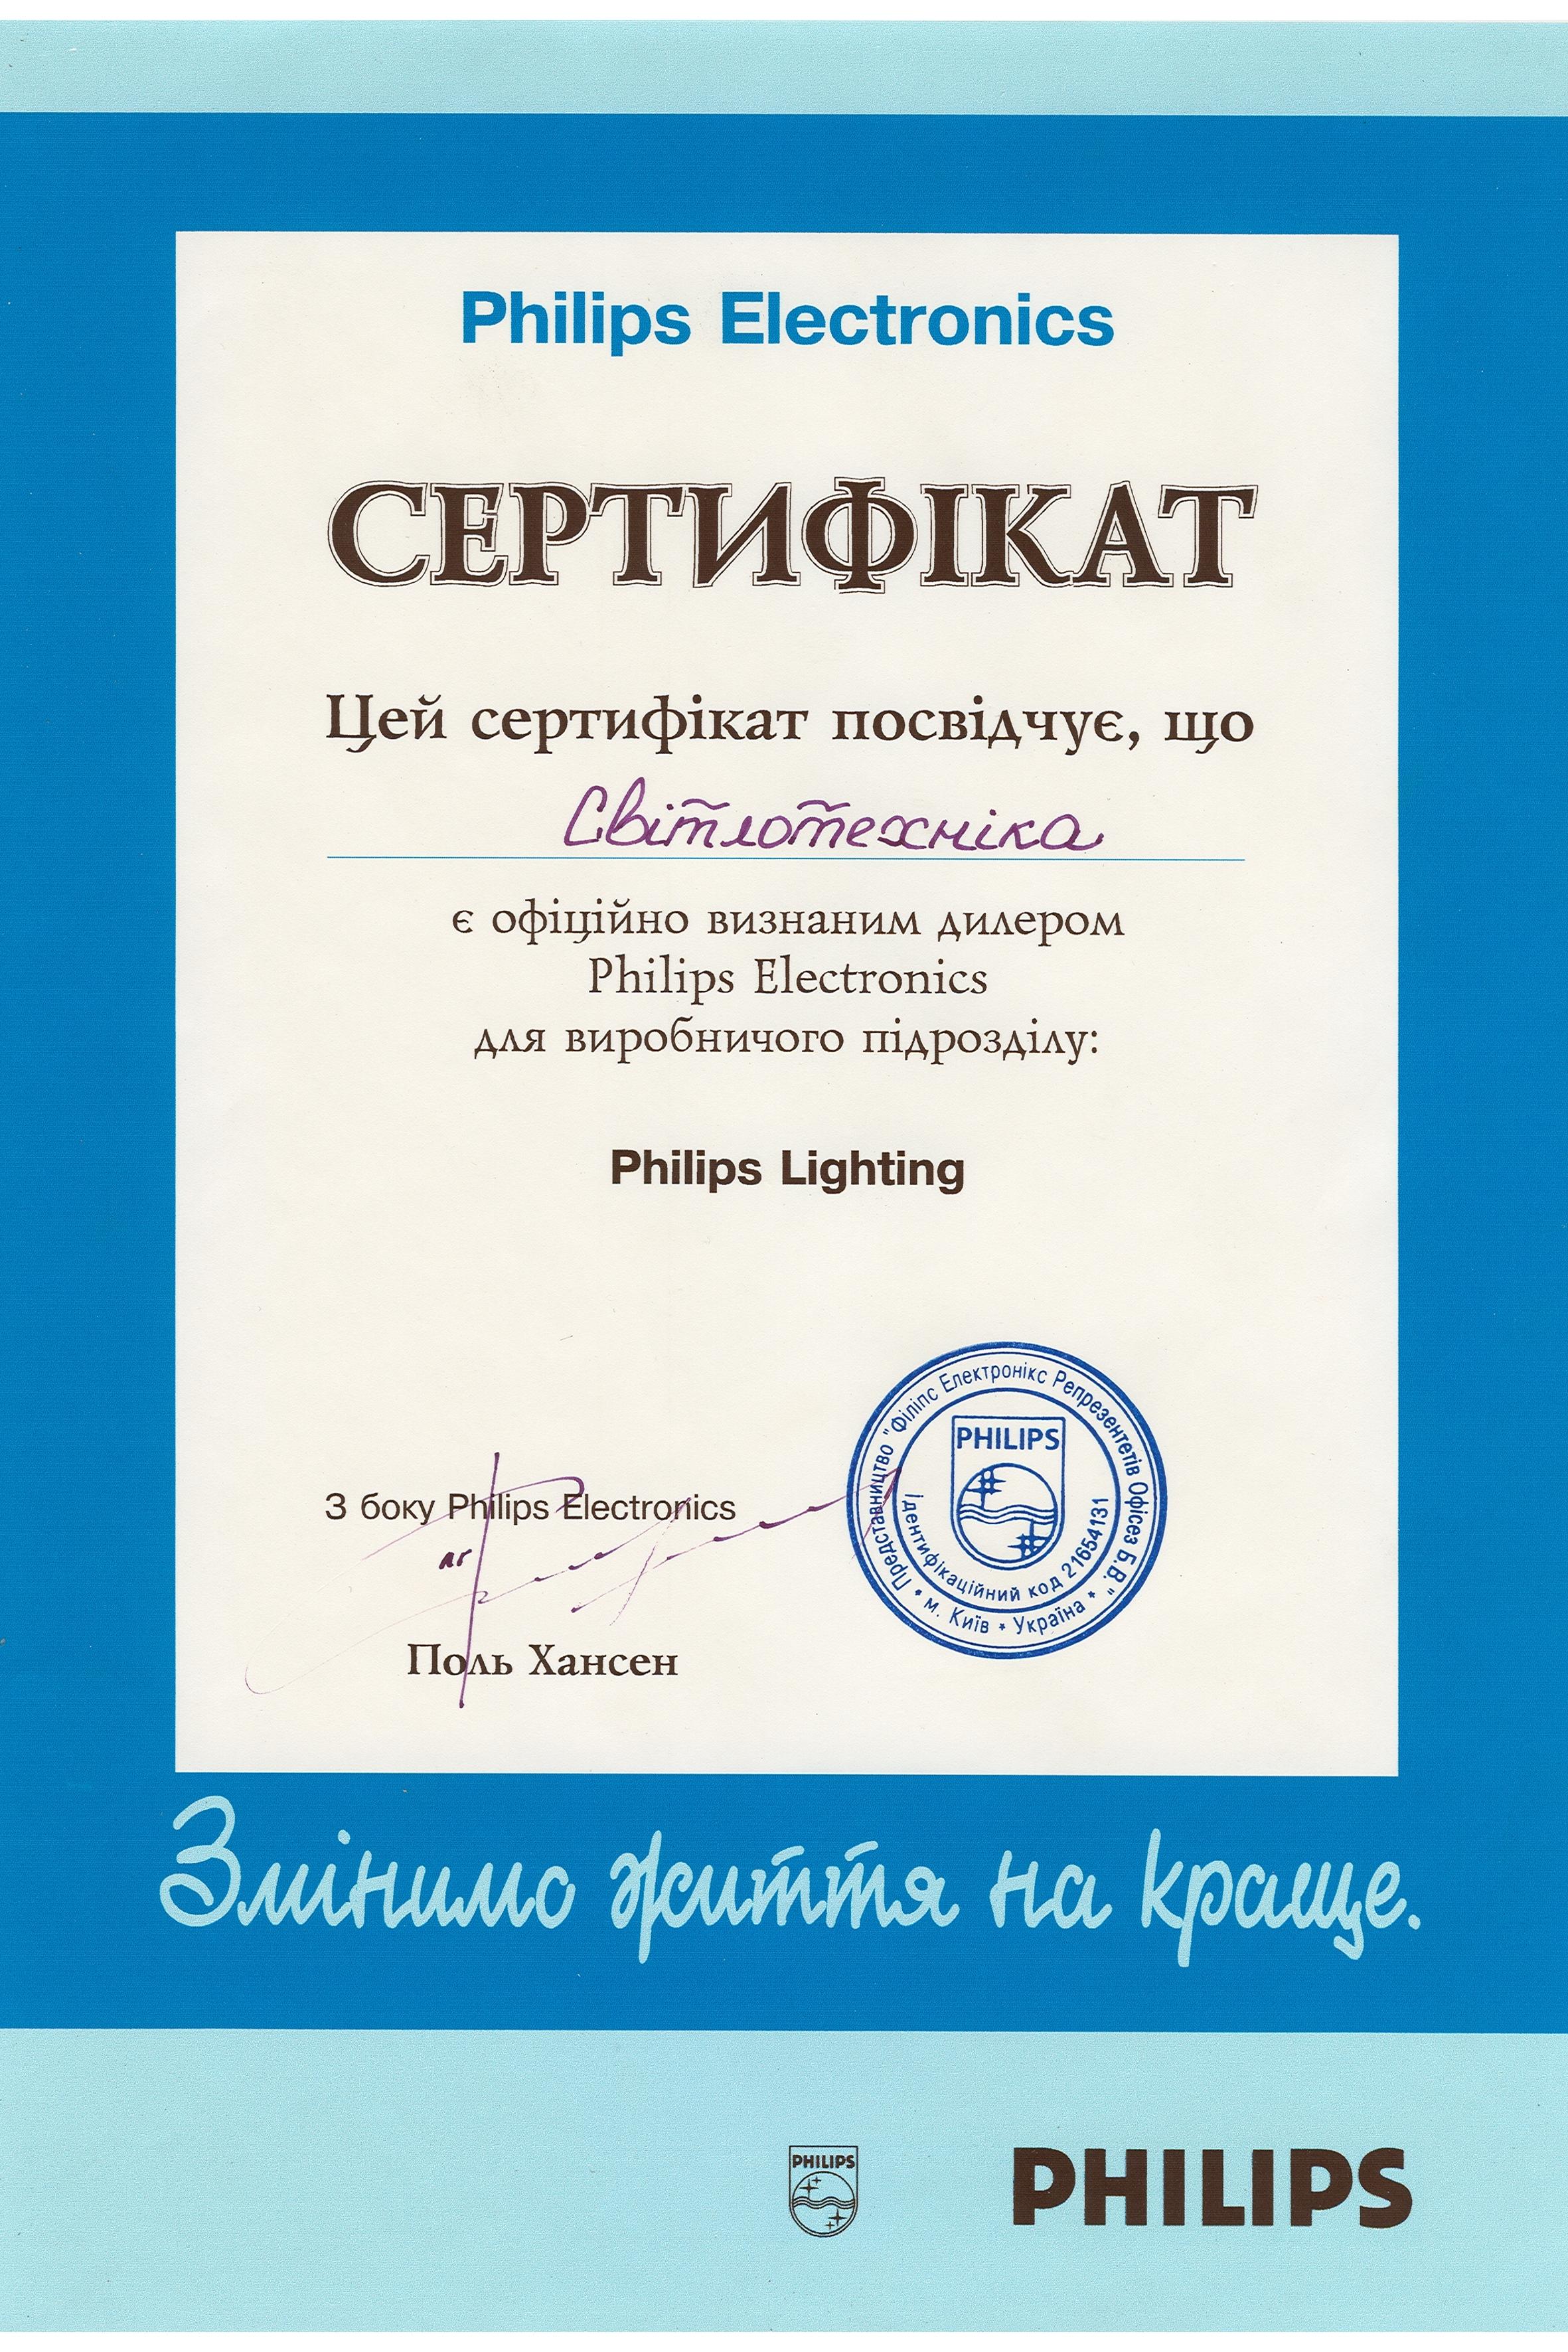 Сертификат Philips Electronics - Этот сертификат подтверждает, что компания Светотехника является признанным дилером PHILIPS ELECTRONICS для  производственного подразделения